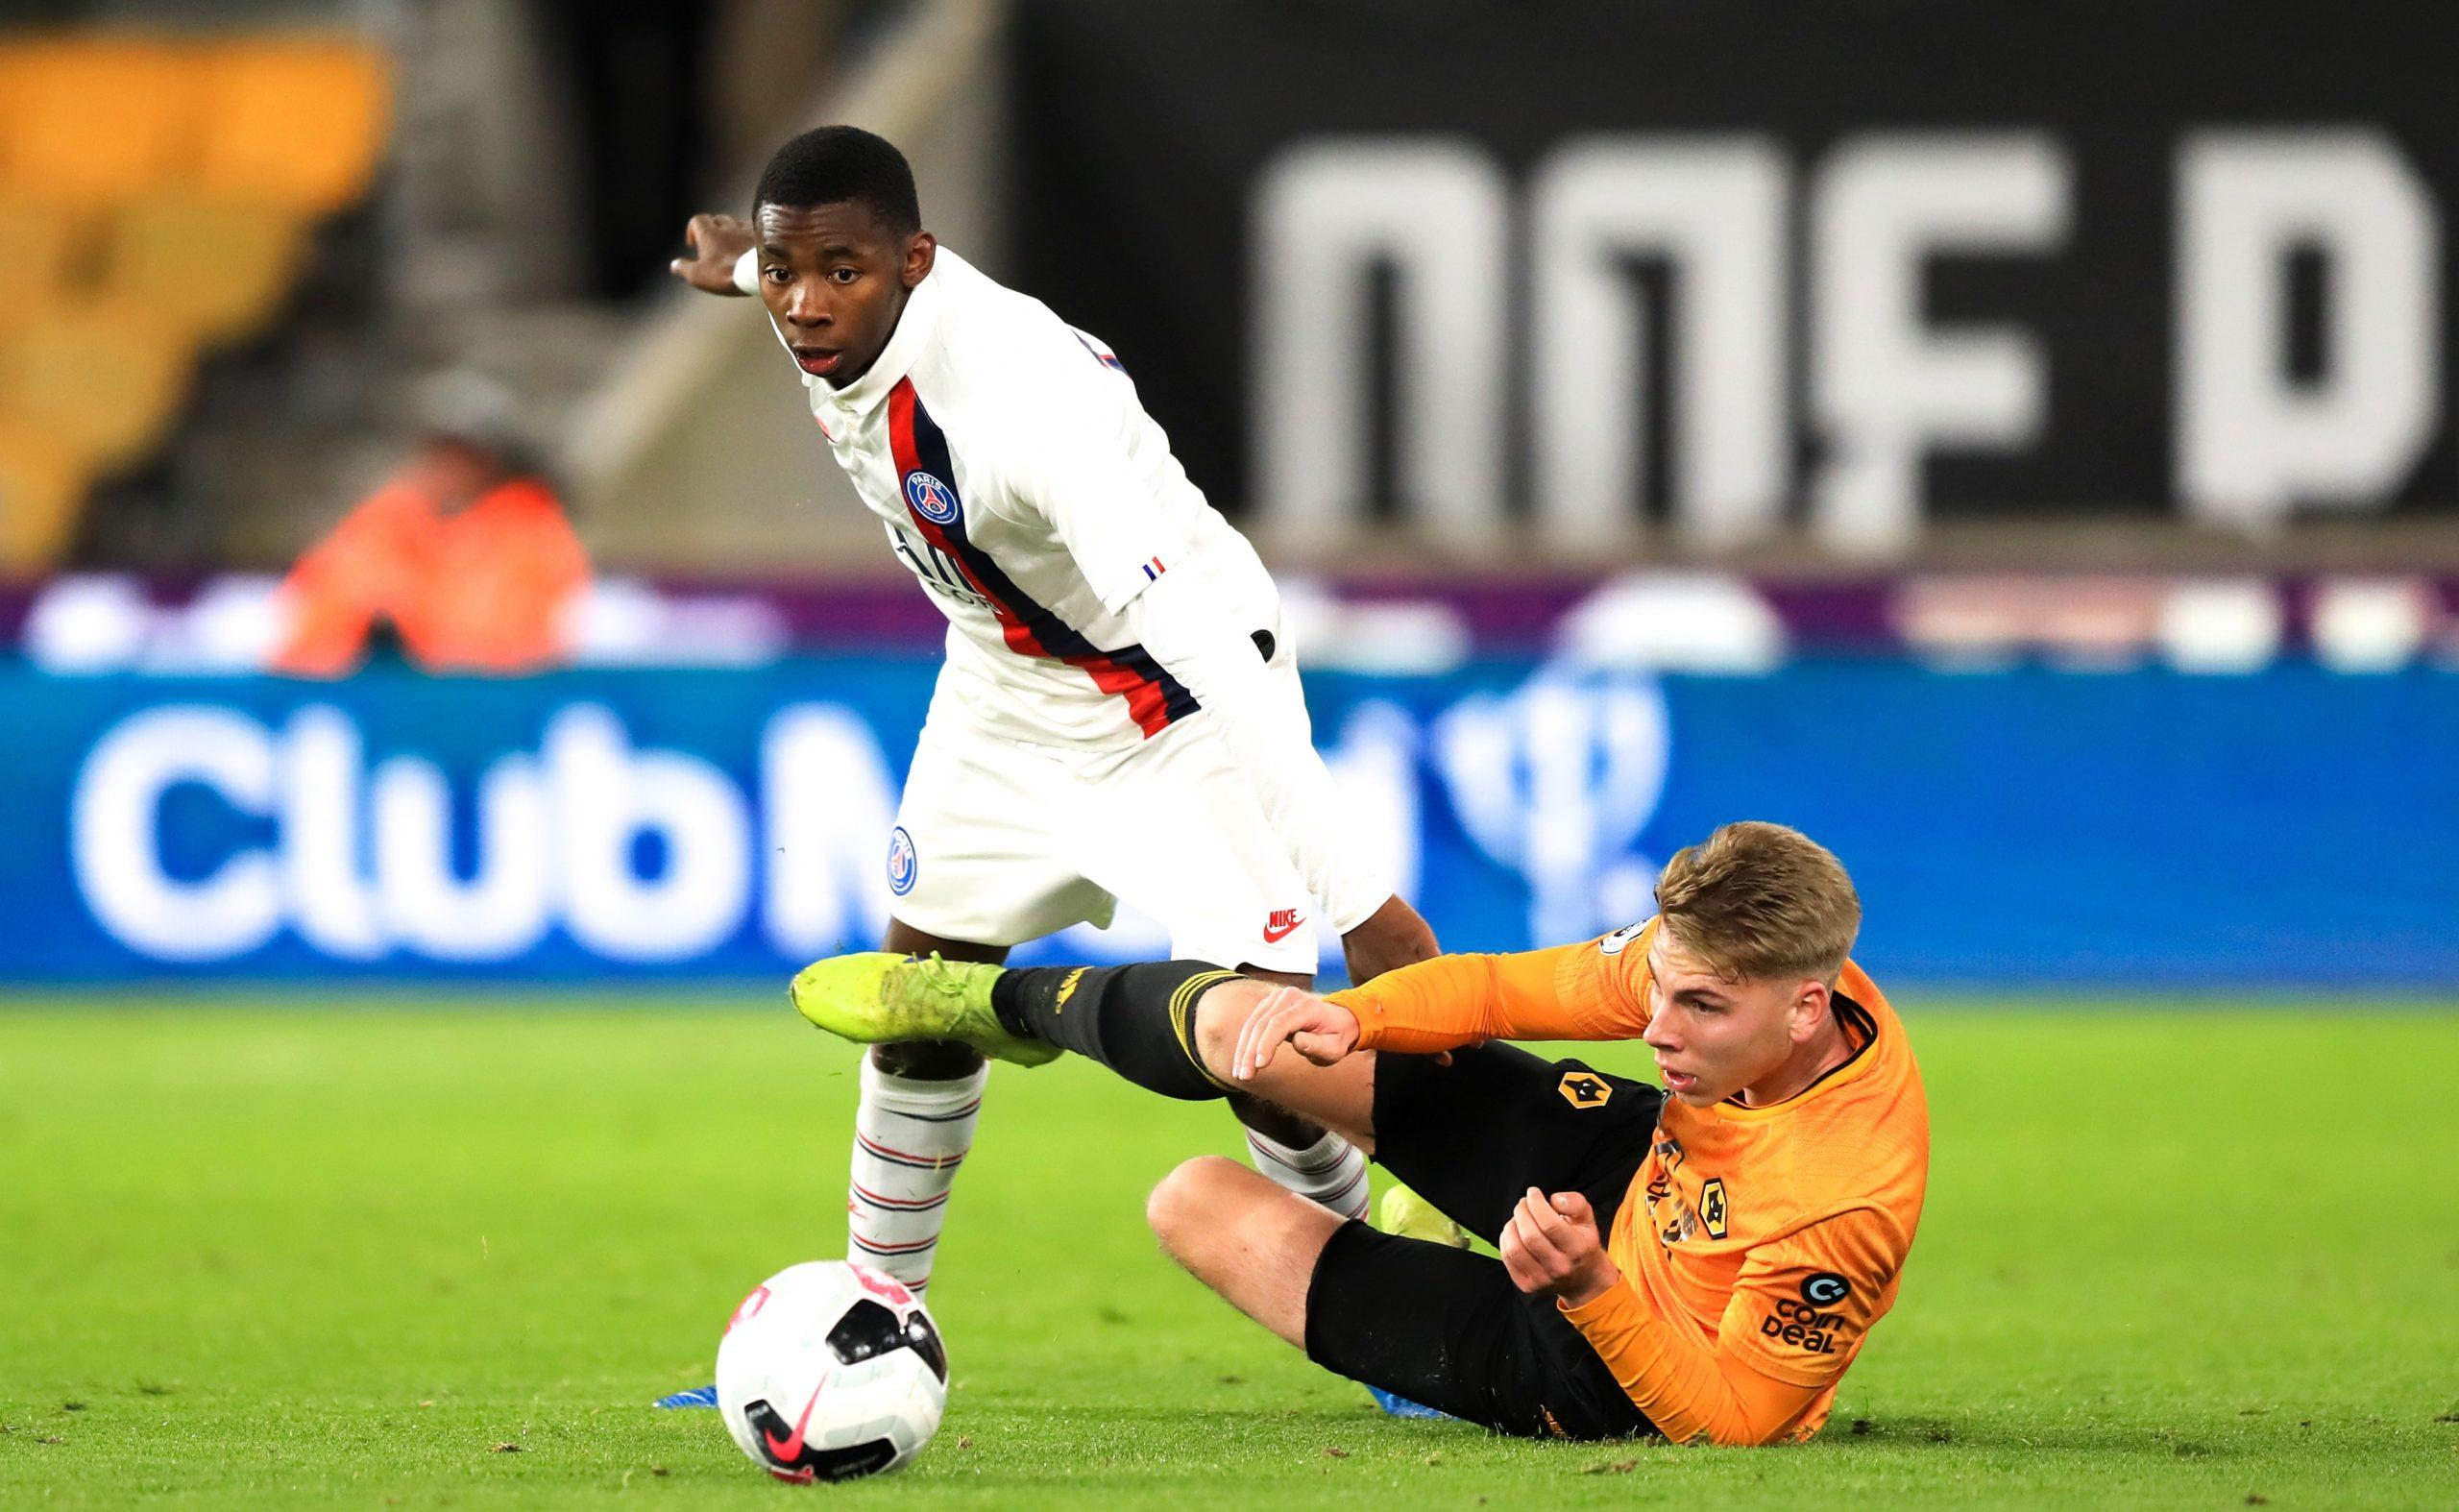 Mercato - Mutombo part en prêt à Guimaraes, annonce RMC Sport